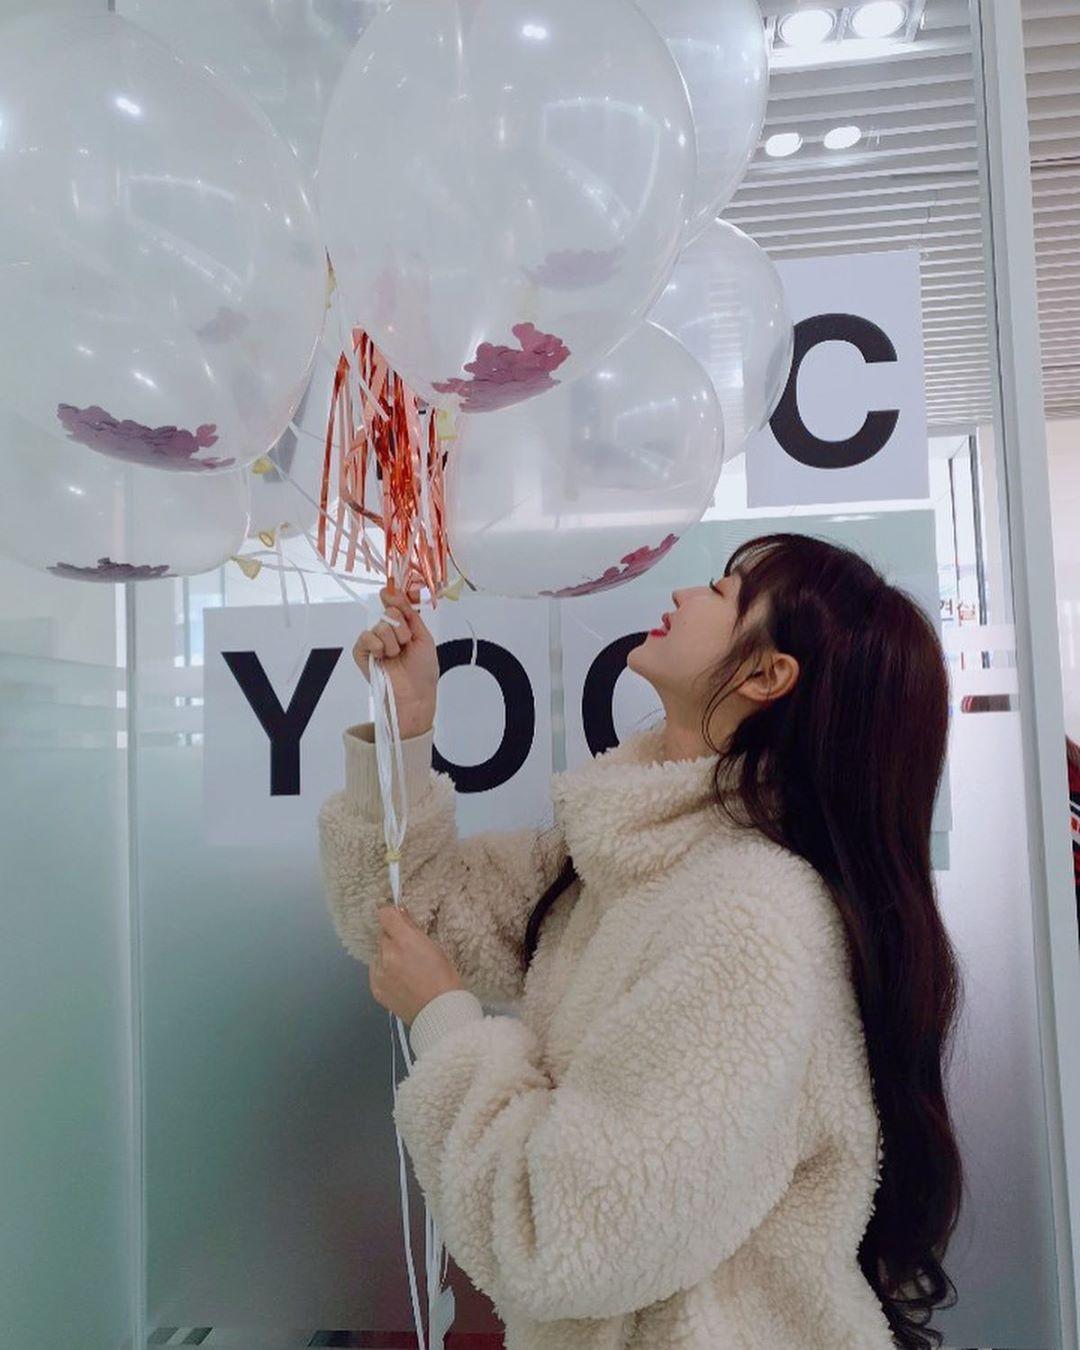 오마이걸 유아 - 샤샤의 《리얼일상 브이로그》1부 (데이터↑)